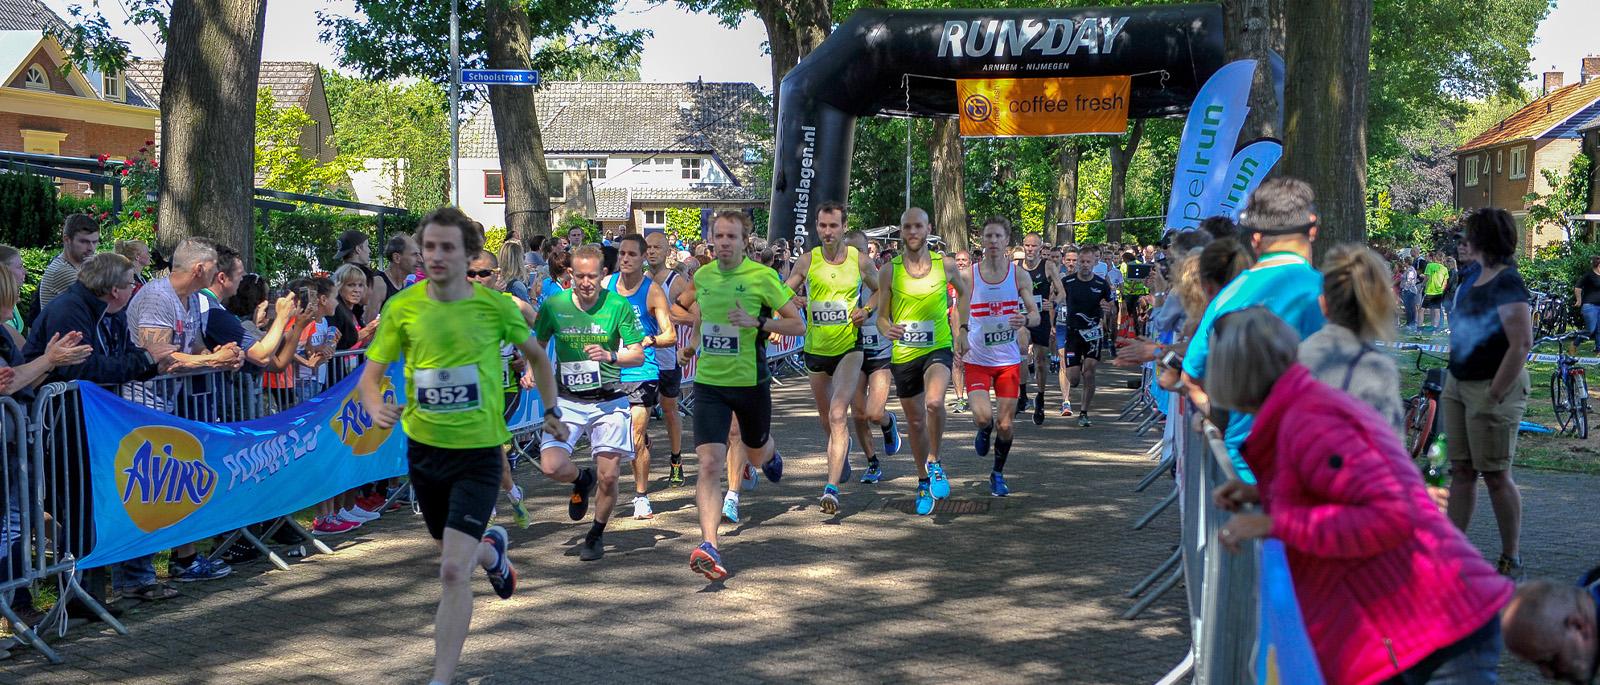 Keppelrun 10km start hardlopers